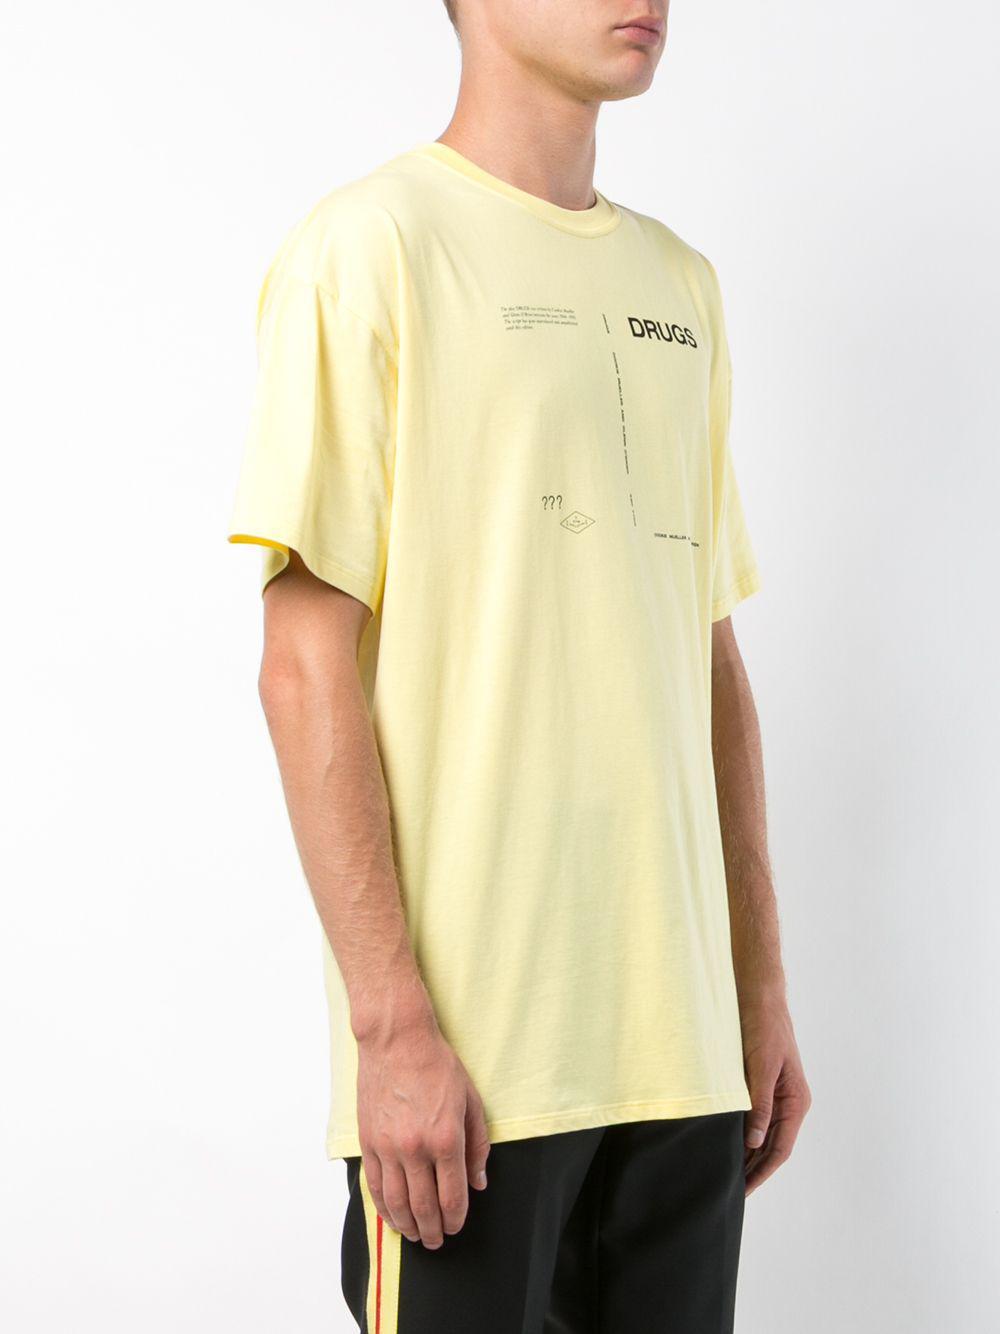 Raf Simons Print T-shirt in Green for Men